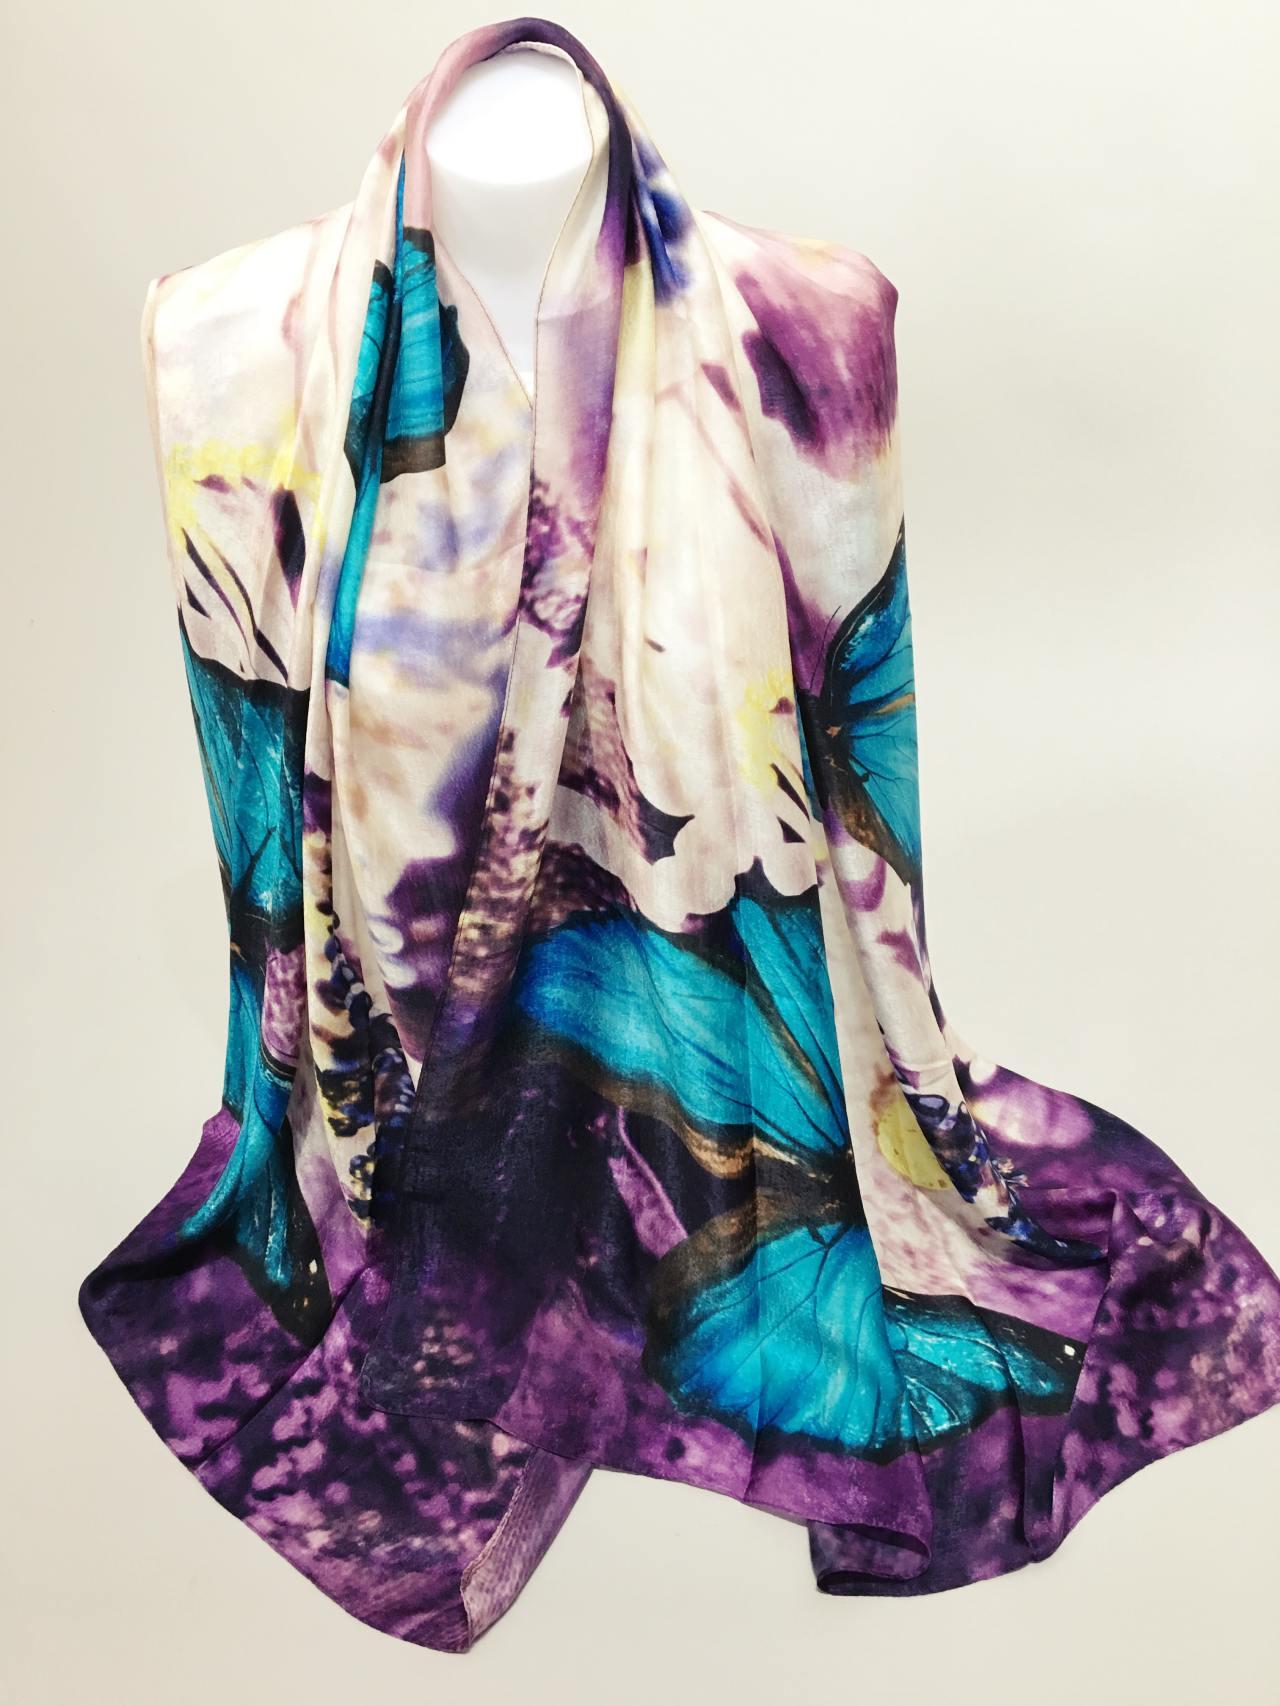 Šátek Butterfly modrý new 03